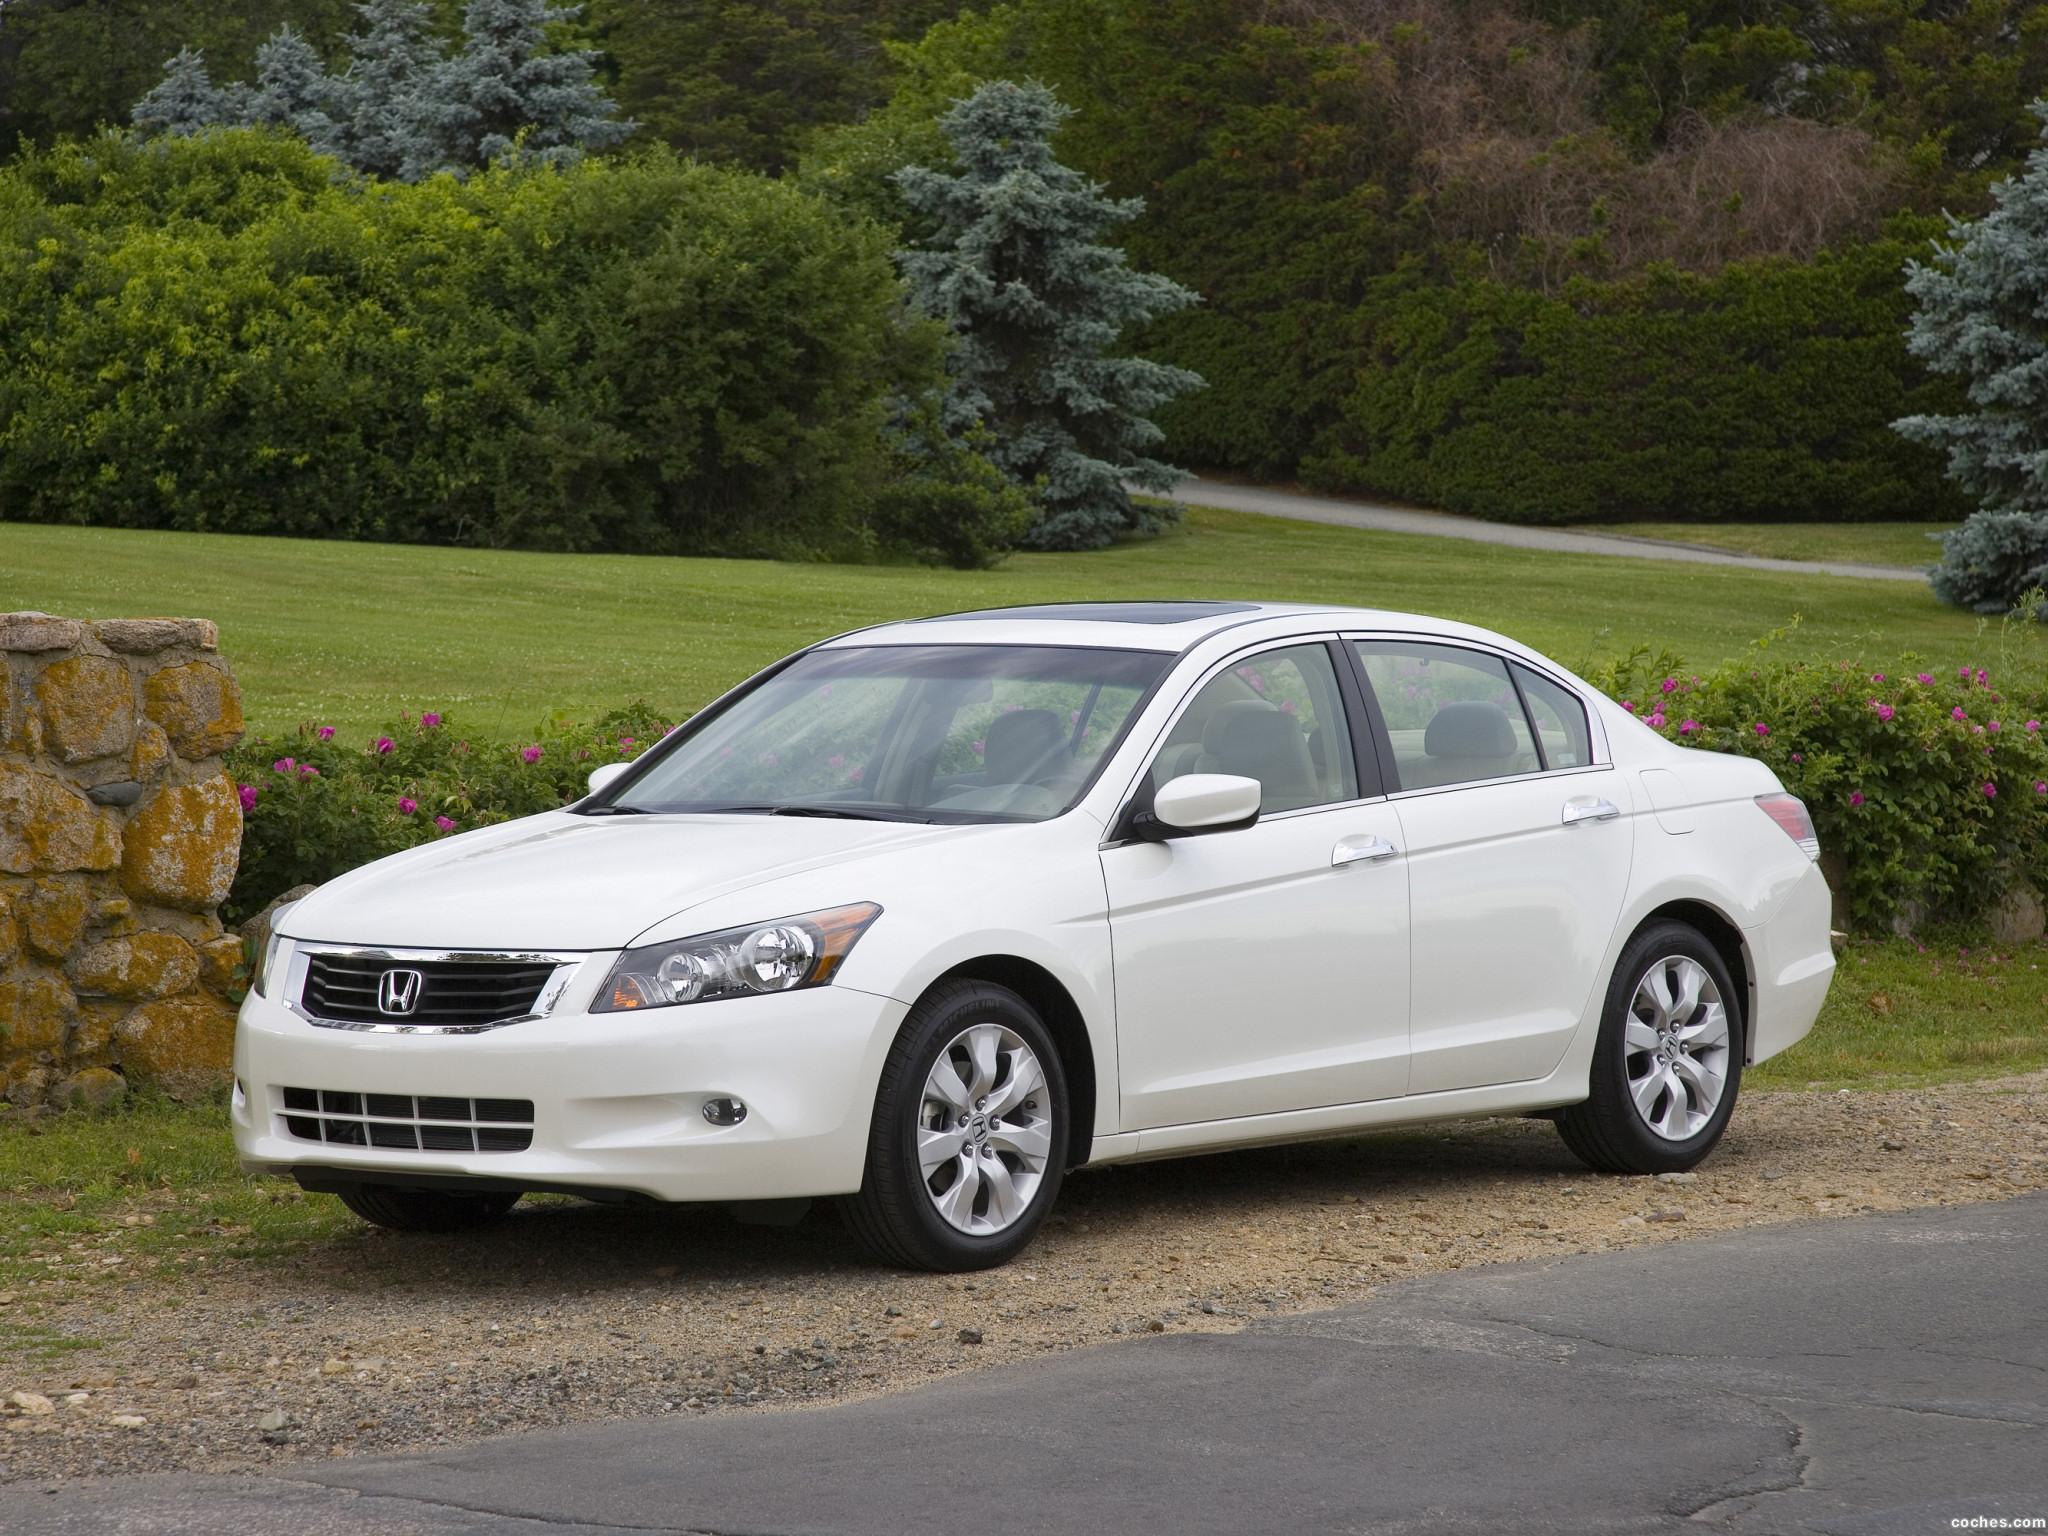 Foto 0 de Honda Accord Sedan USA 2008